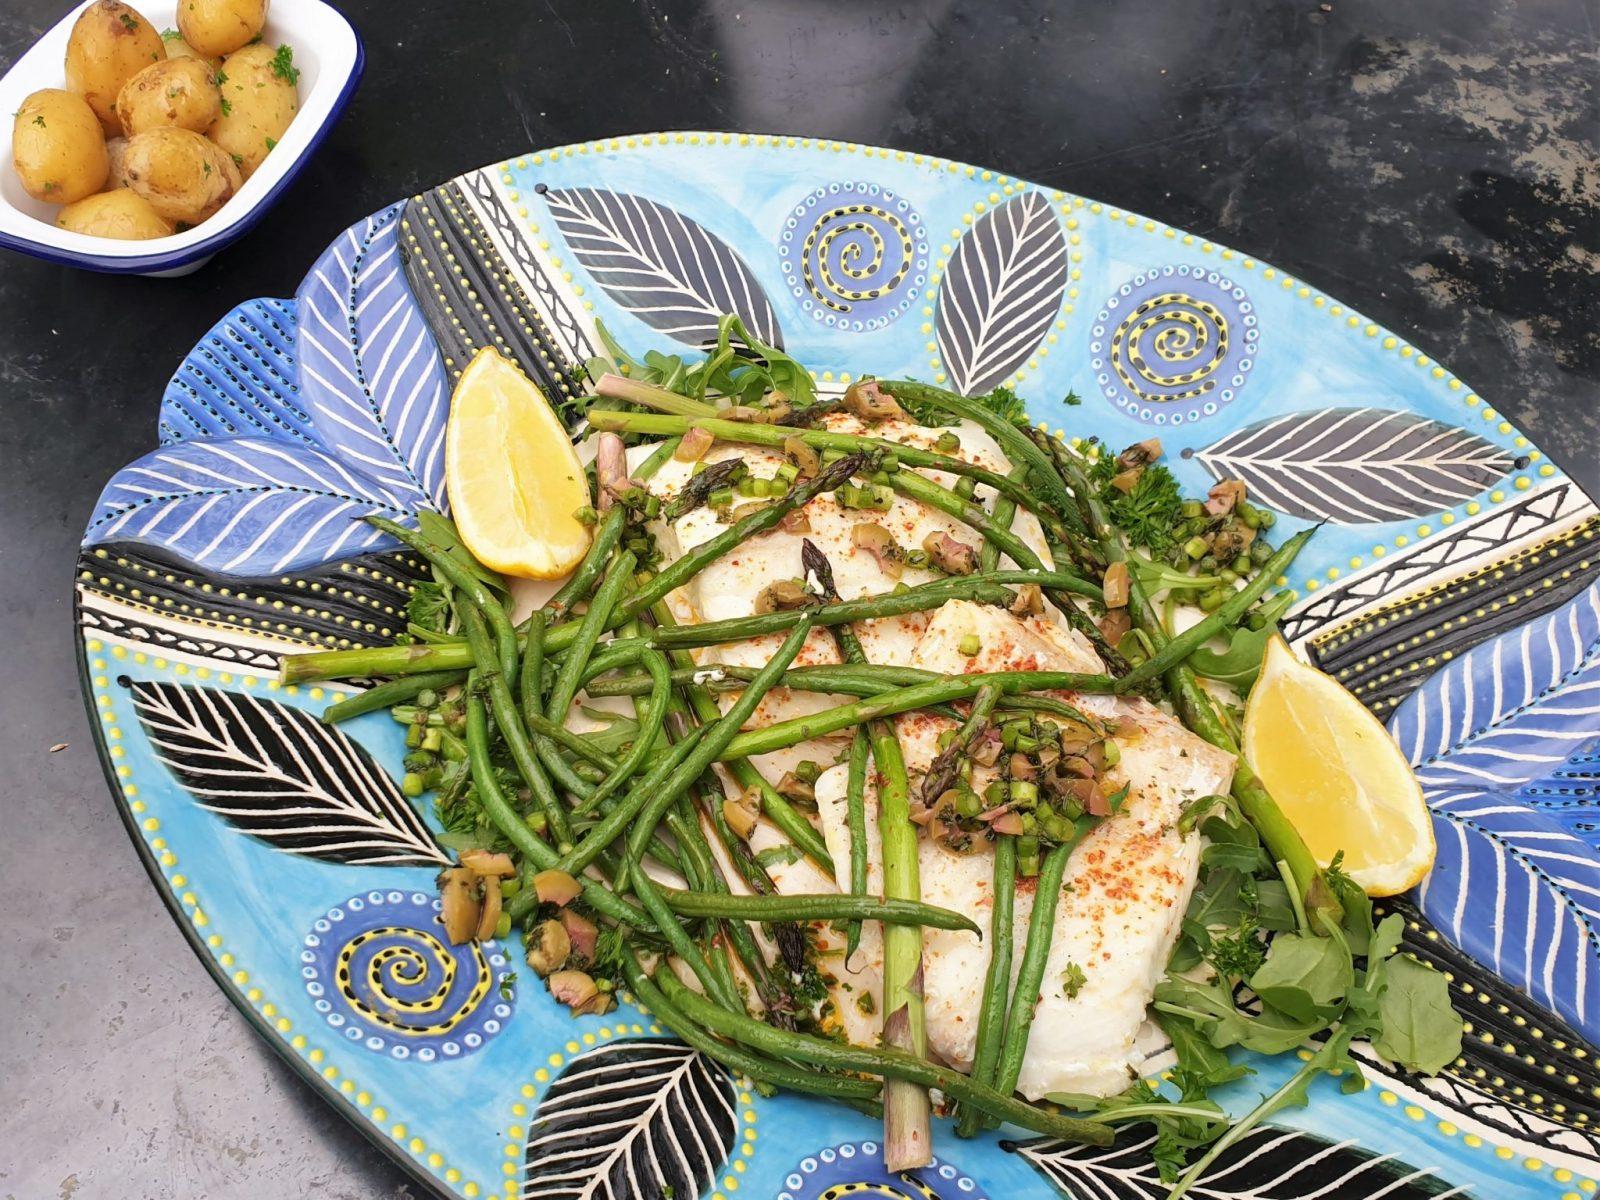 Amity fish roasted halibut